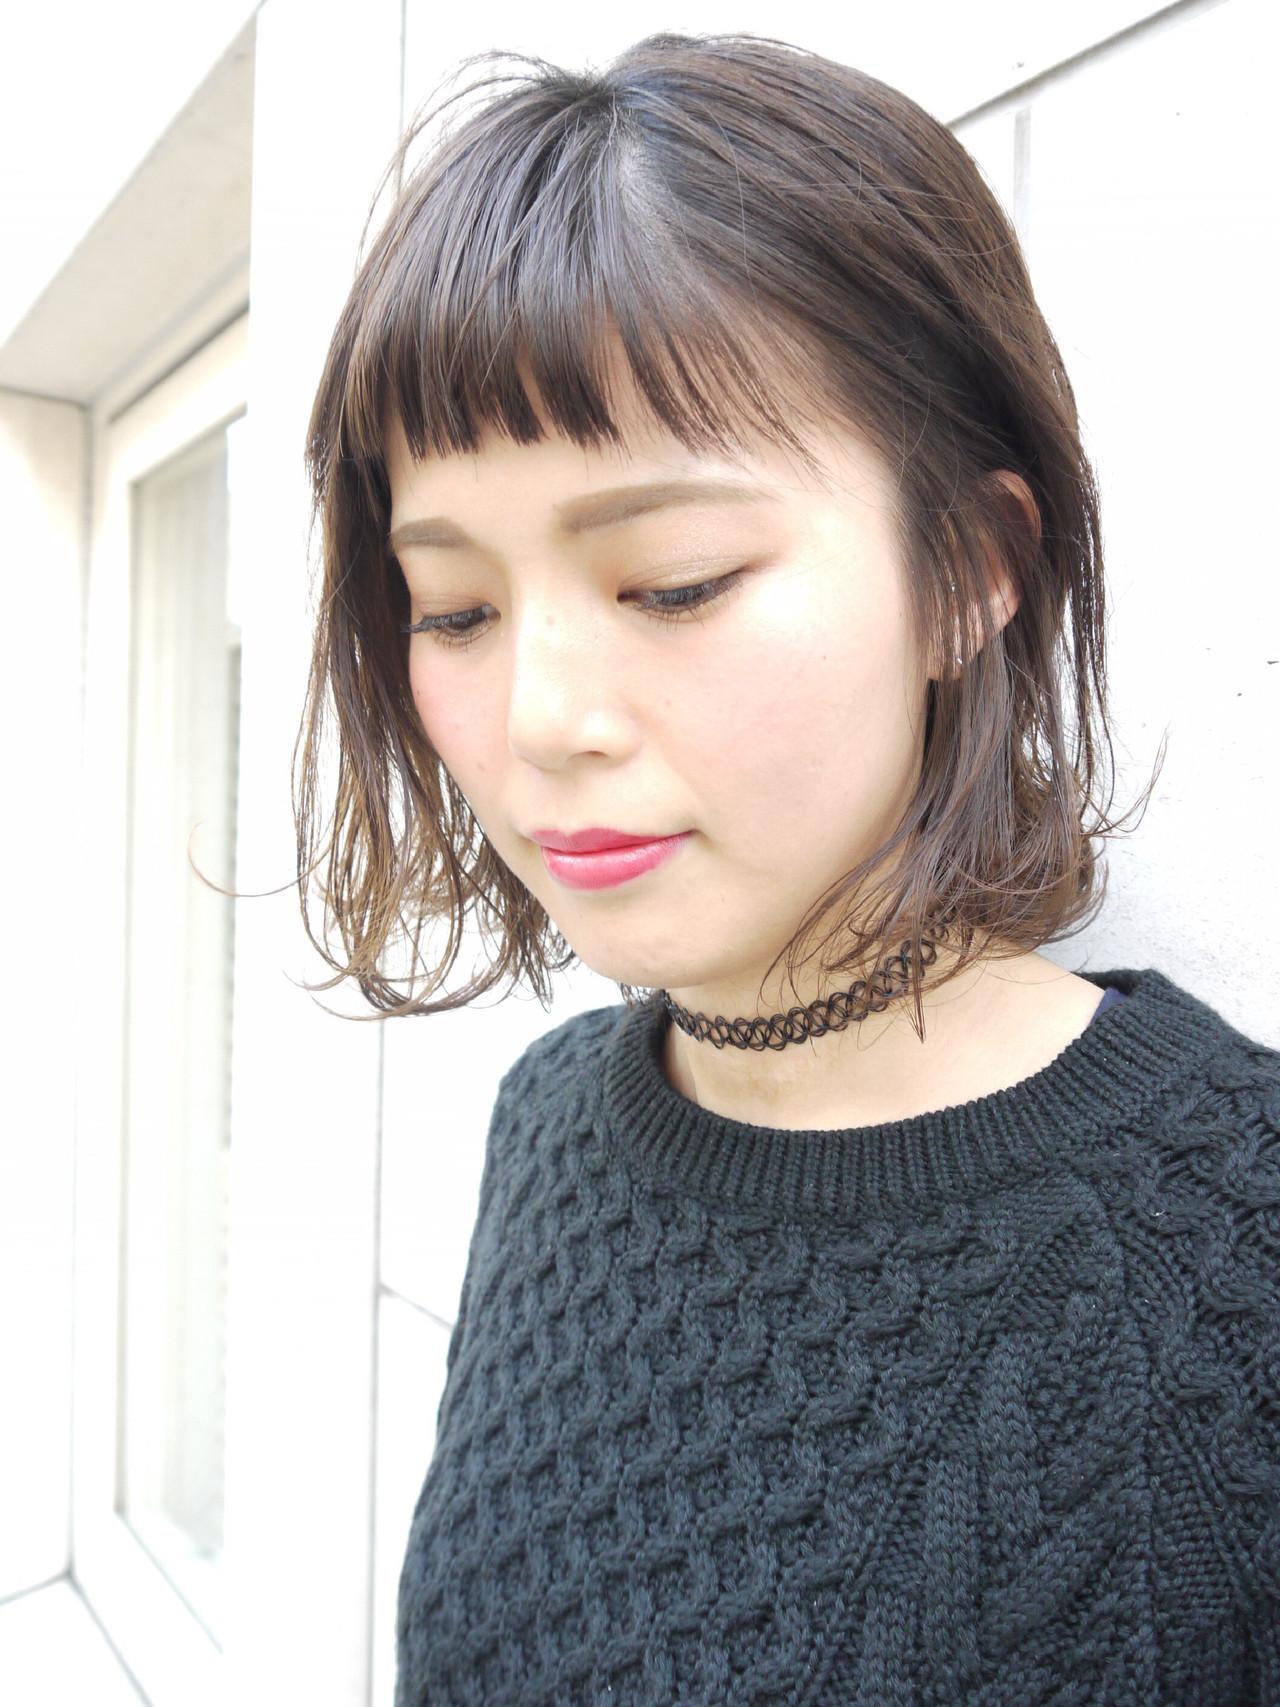 アンニュイな愛され小顔ショート Hiroki Sakuma【morio原宿】  モリオフロムロンドン原宿本店